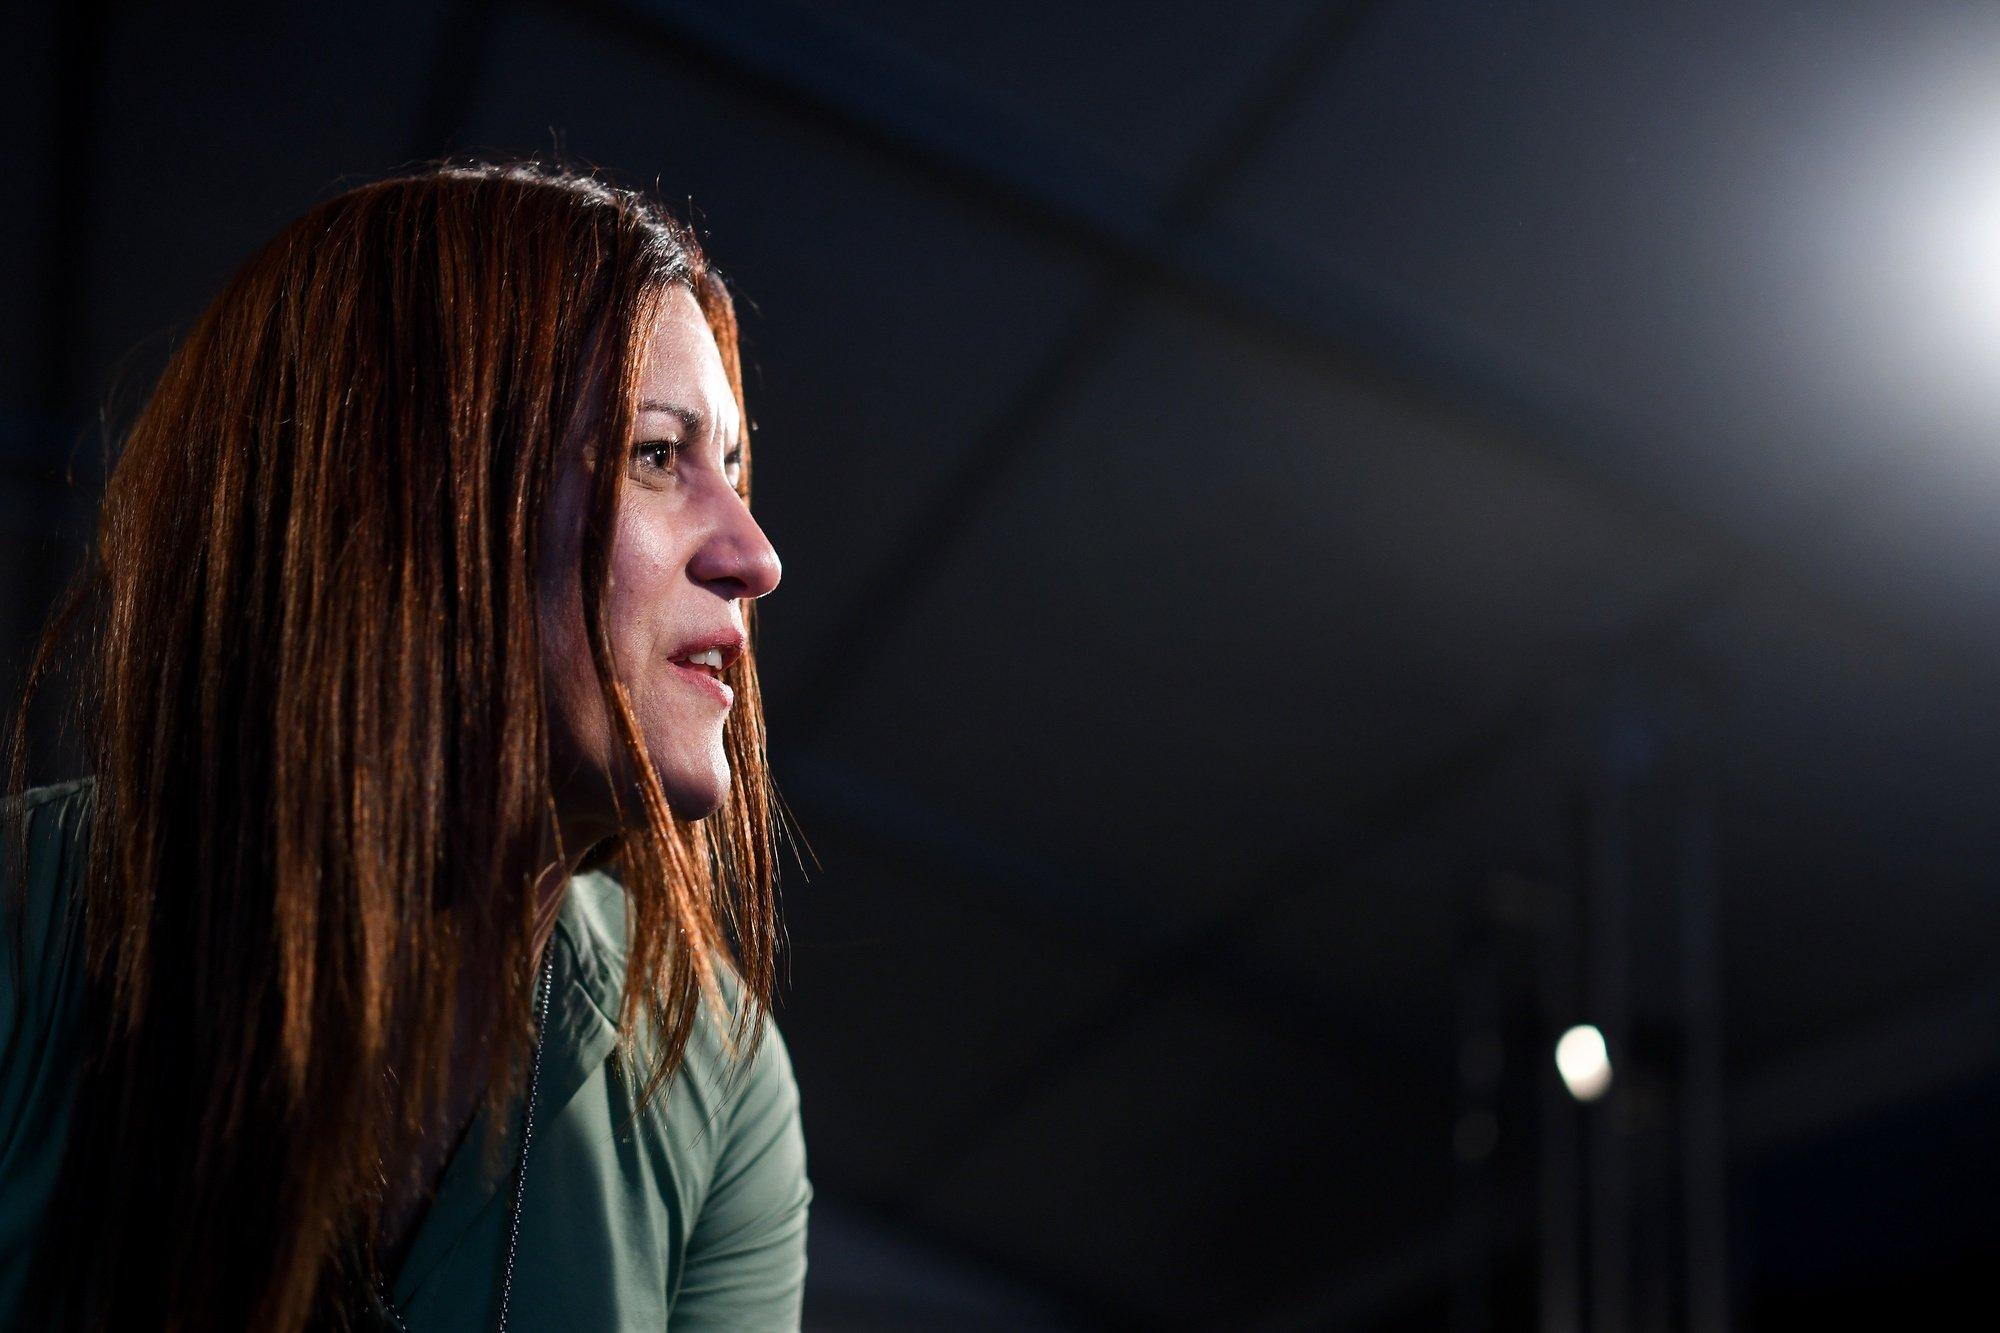 """A cabeça de lista do Bloco de Esquerda (BE) às eleições europeias, Marisa Matias, intervém durante o comício """"Lado a Lado pelo que é de Todos"""", no âmbito da campanha para as eleições europeias 2019, em Braga. 21 de maio de 2019. HUGO DELGADO / LUSA"""